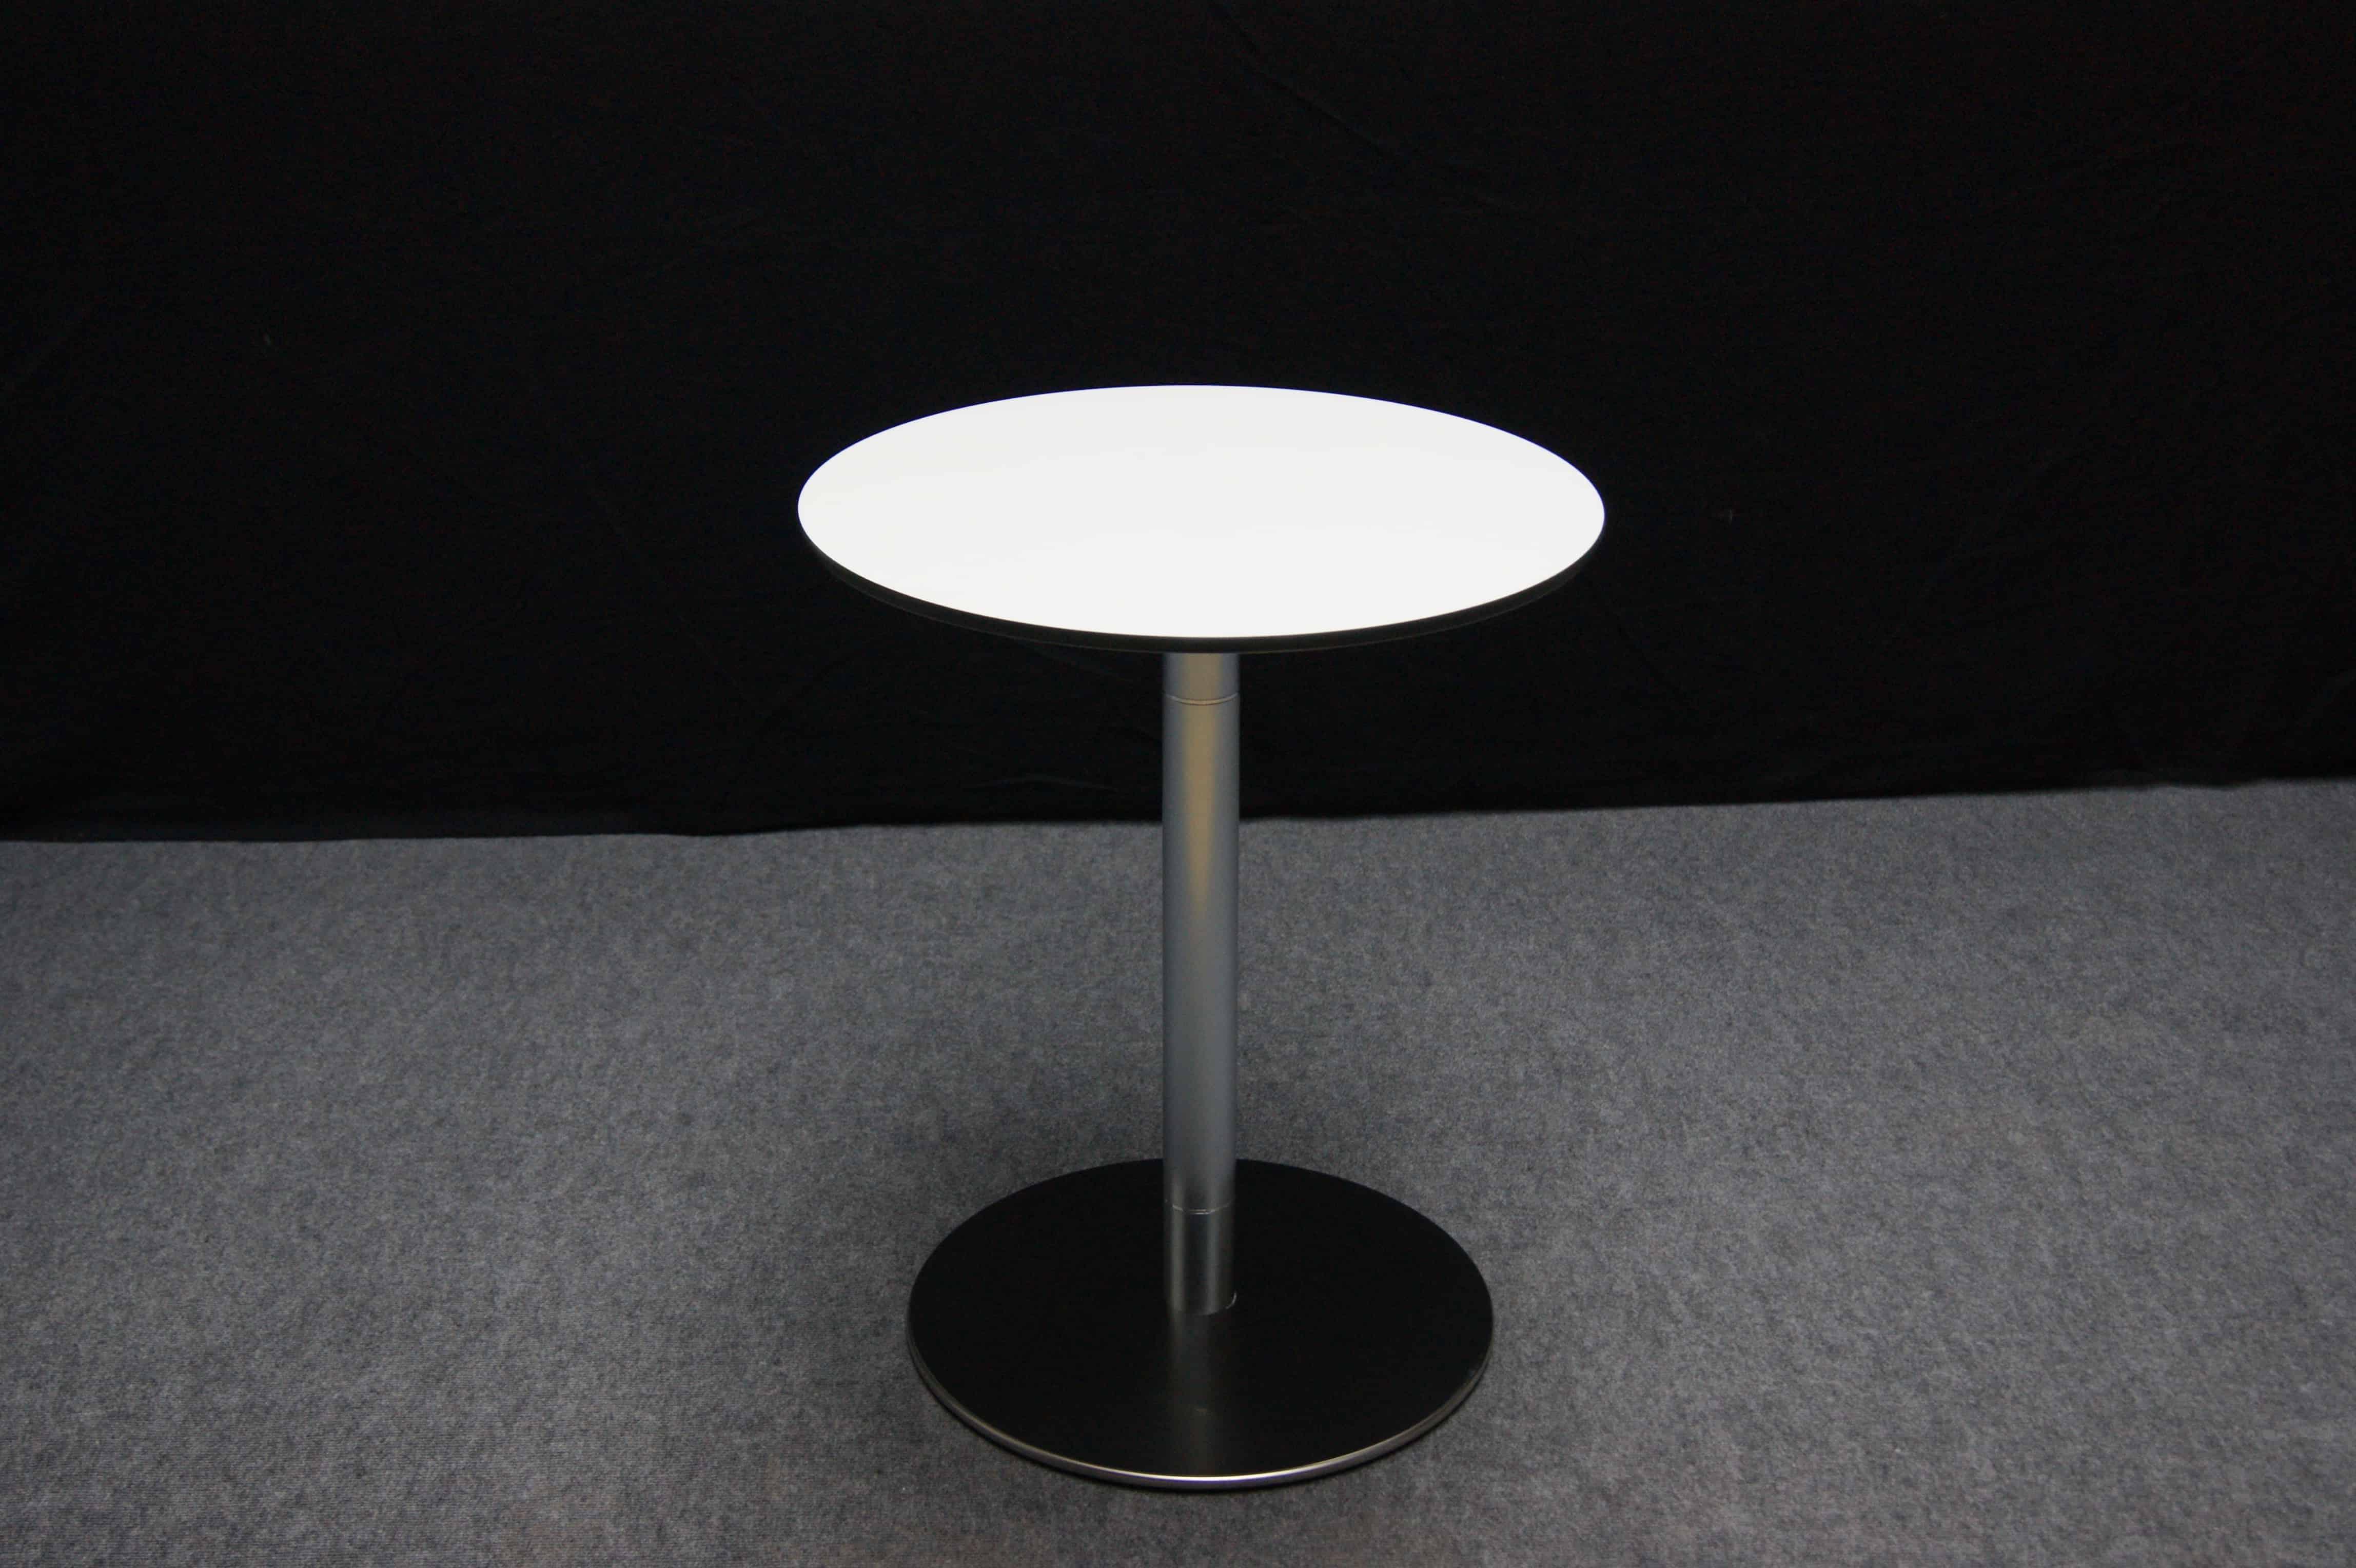 Stehtisch mit wechselbaren Tischplatten | around GmbH